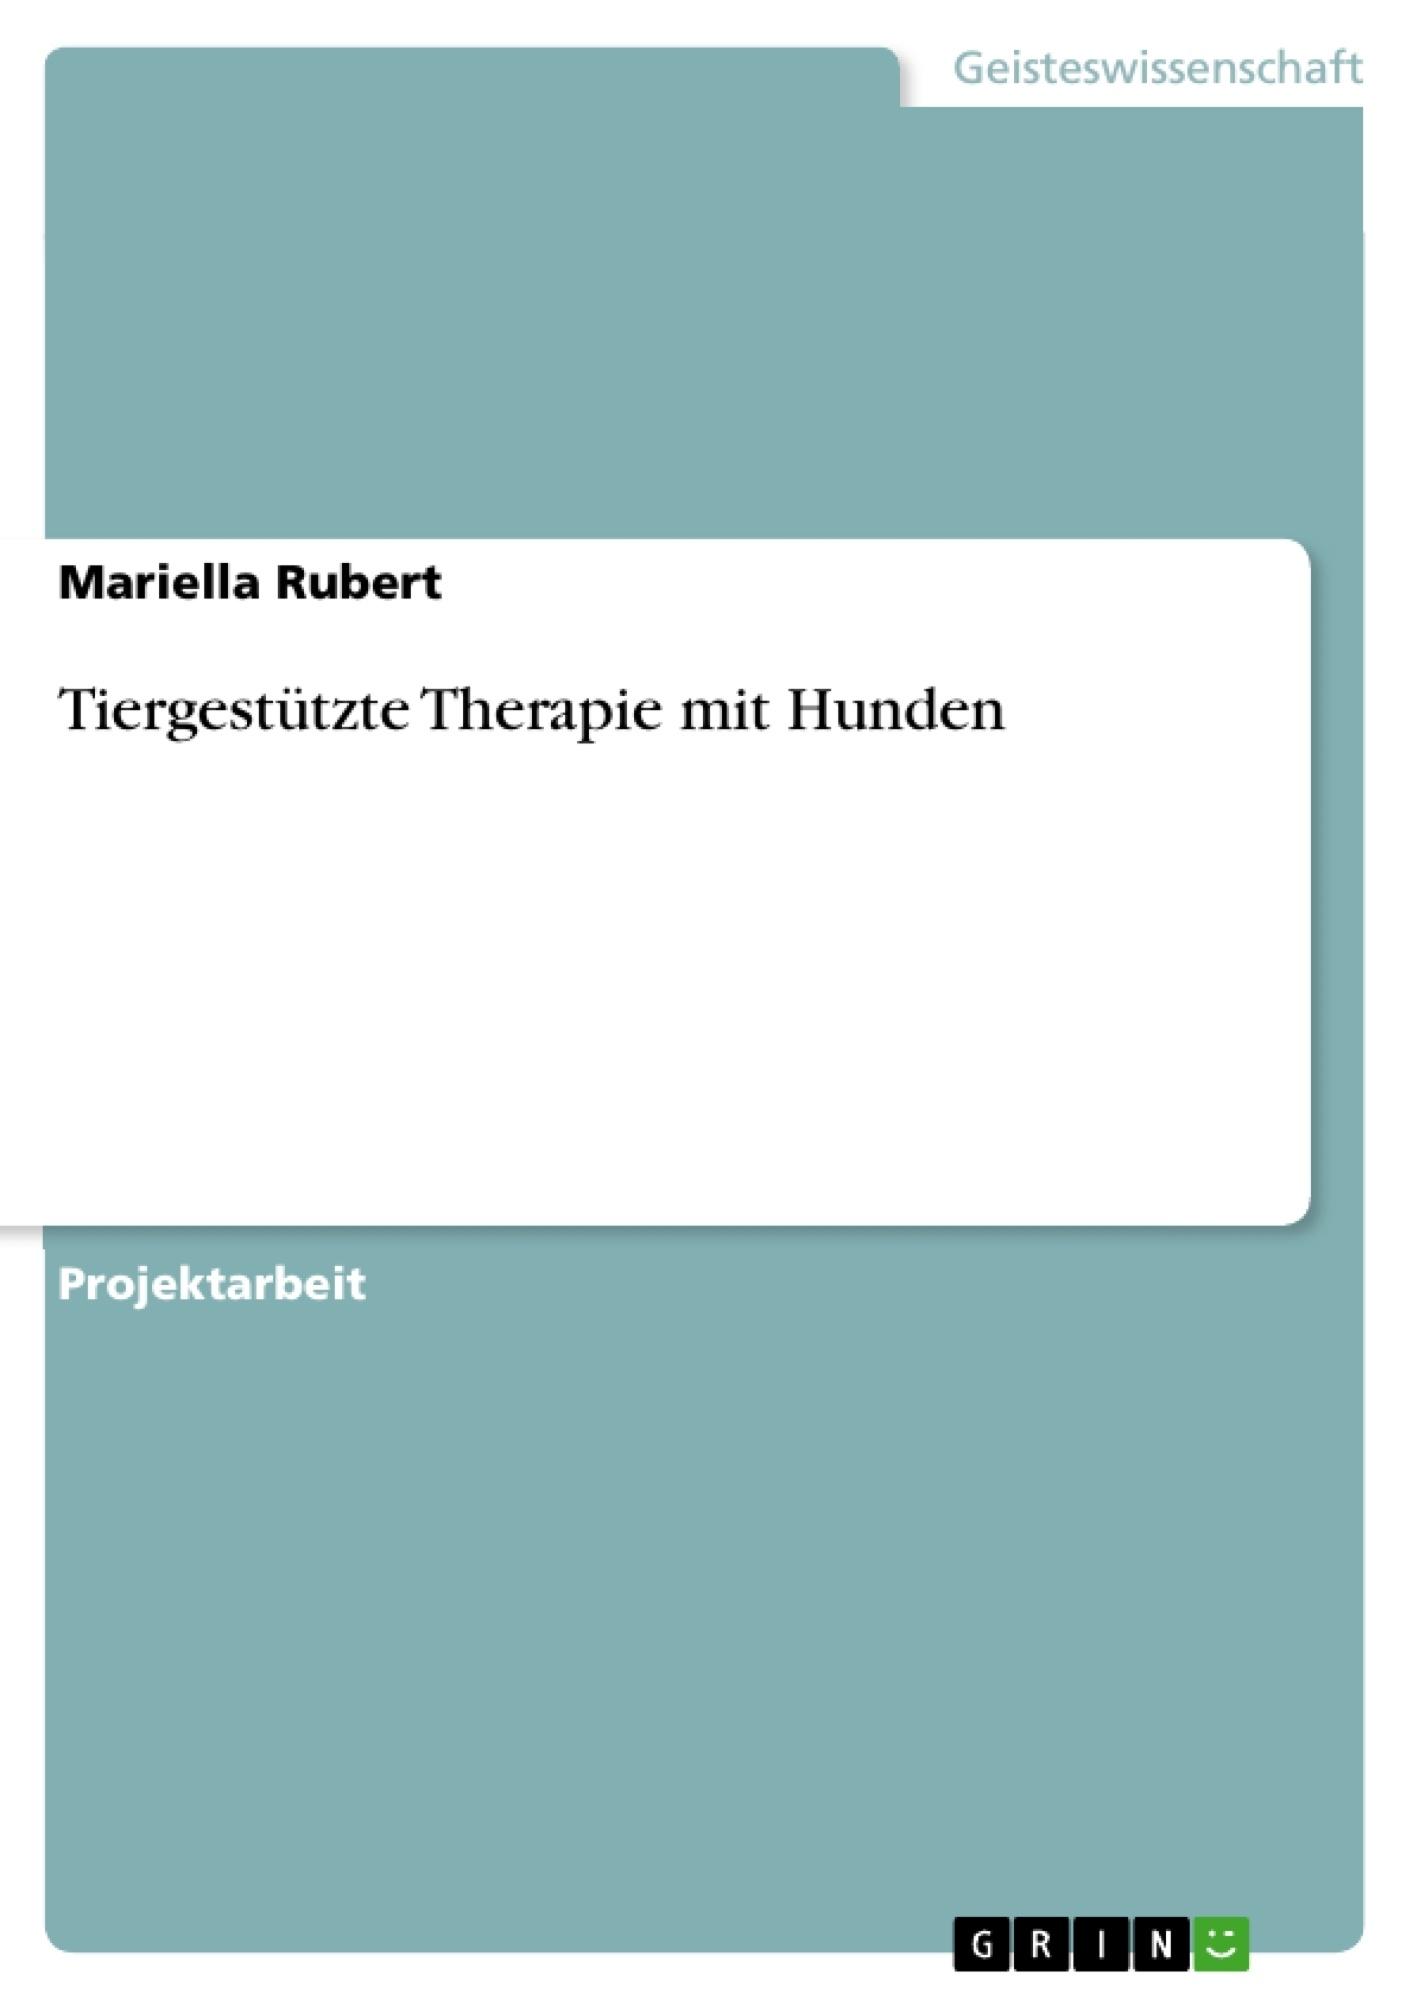 Titel: Tiergestützte Therapie mit Hunden